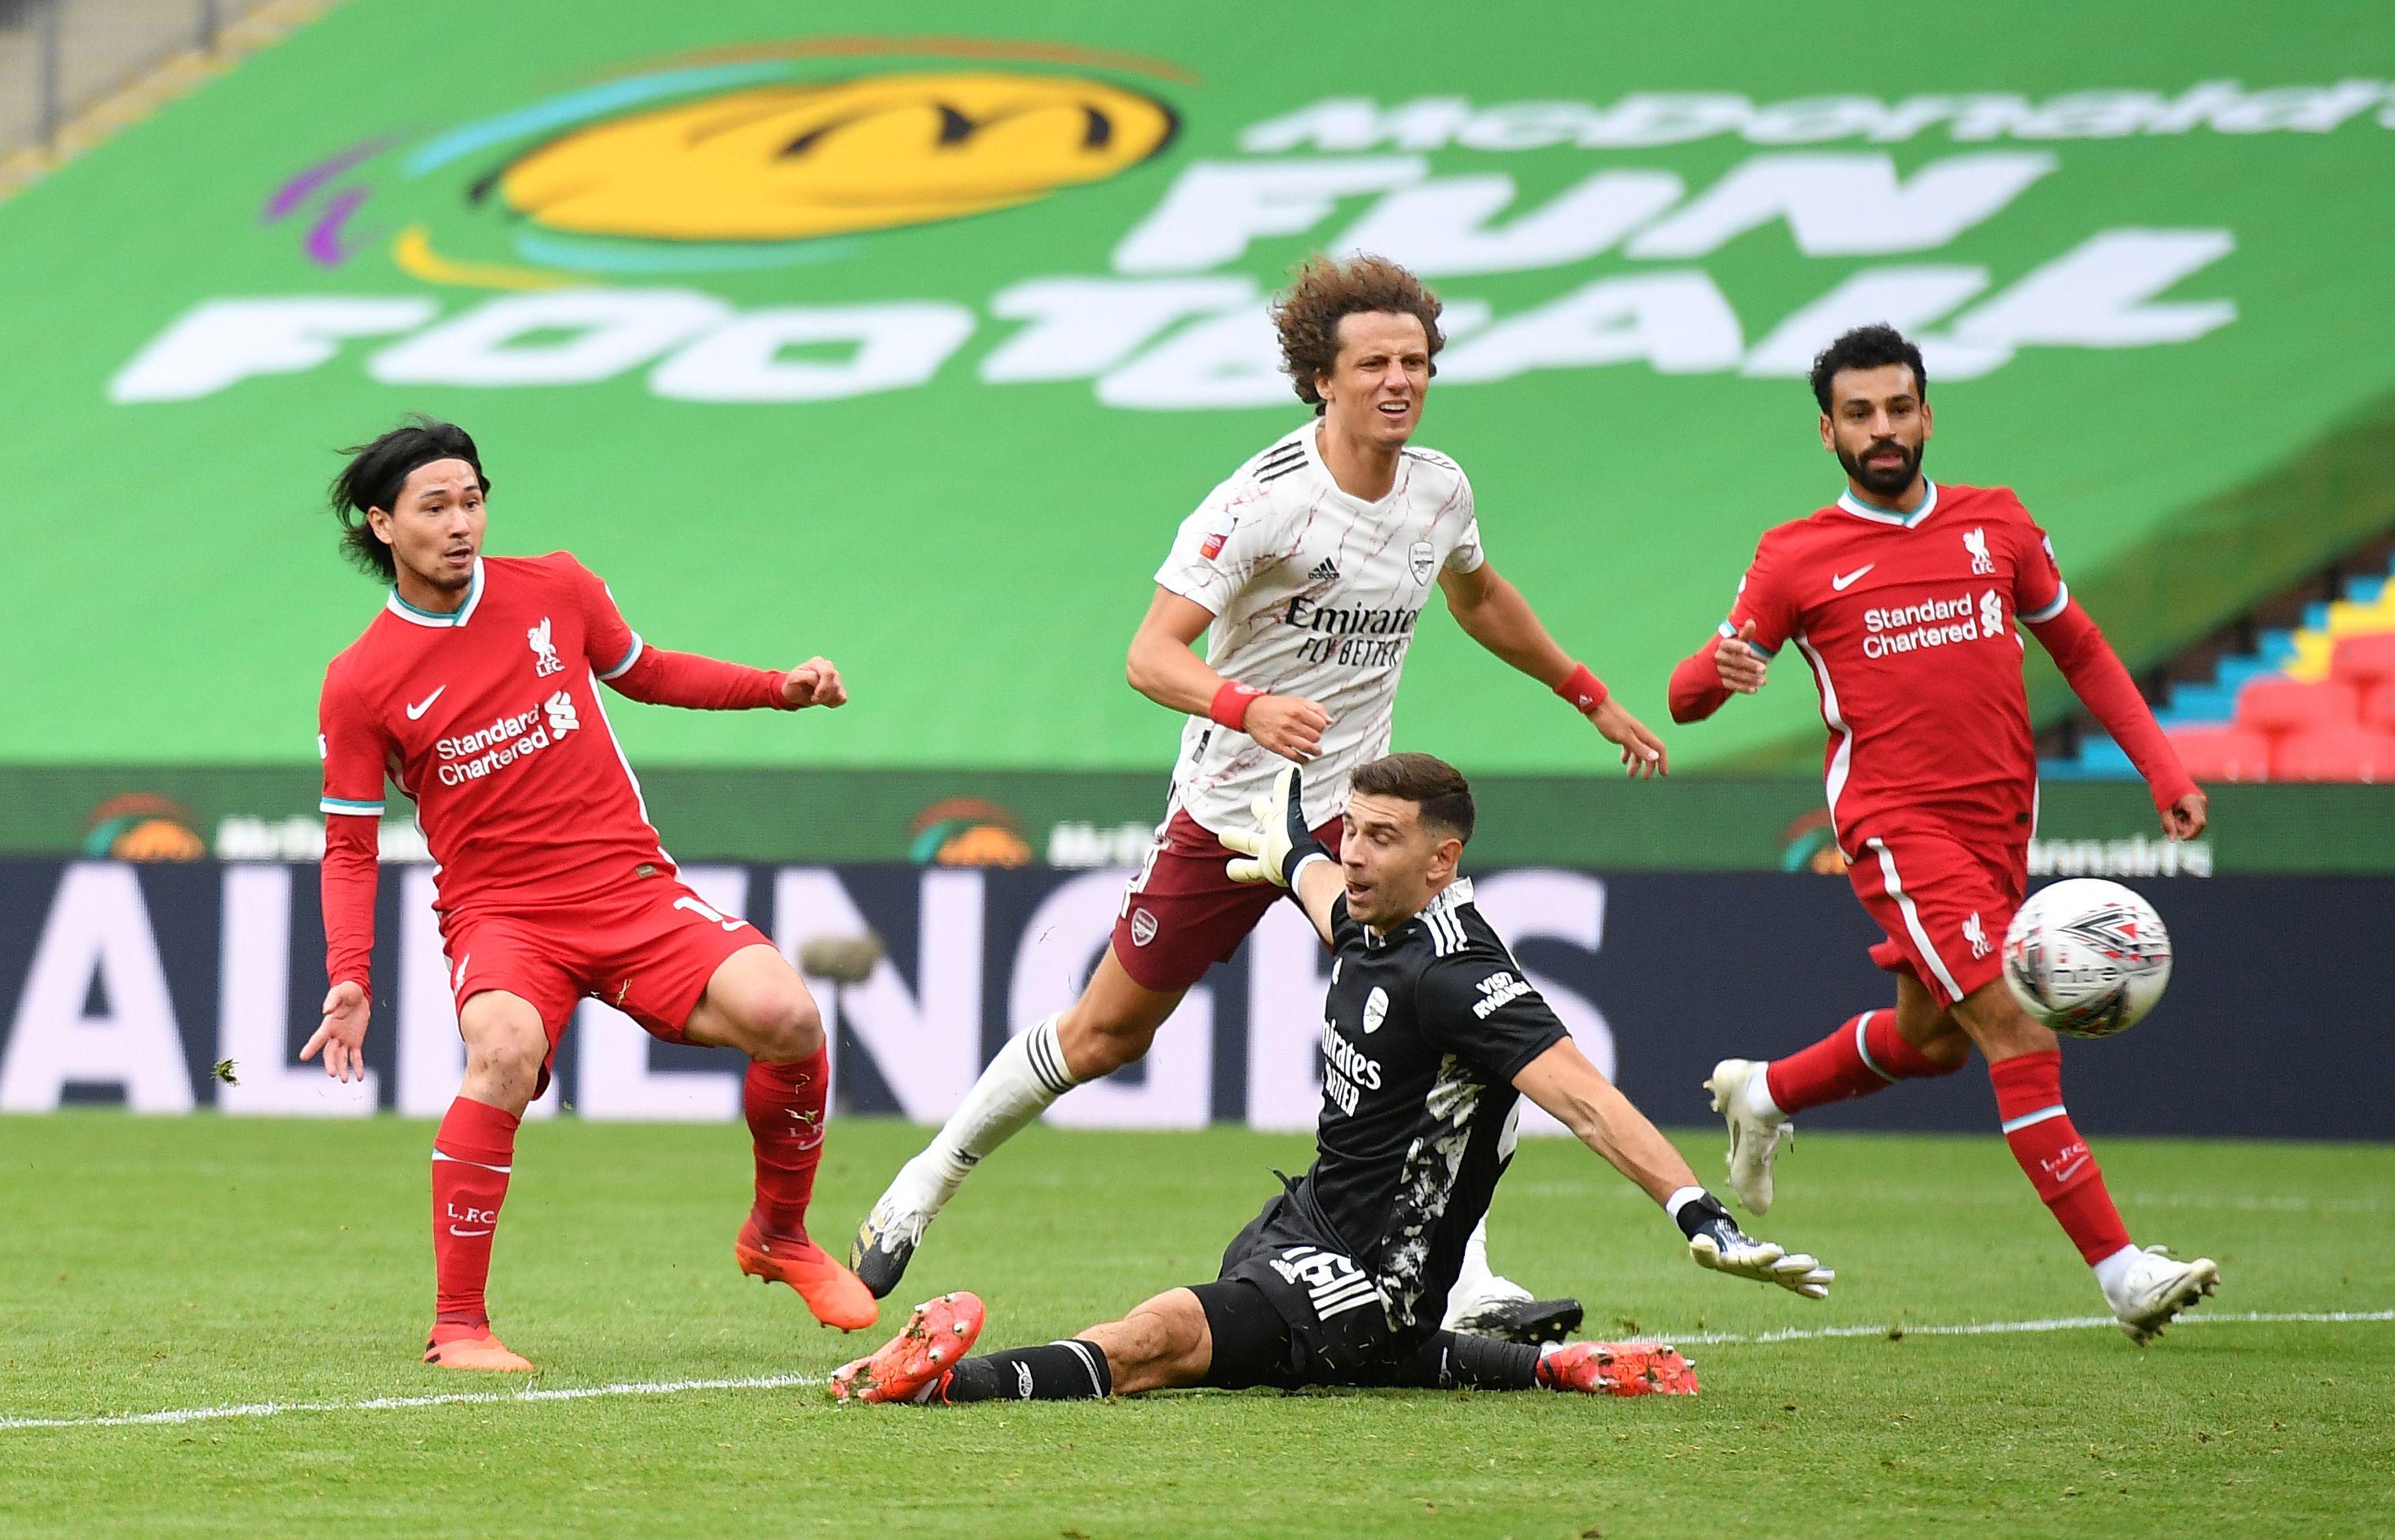 Como o Liverpool mantém o título? 2